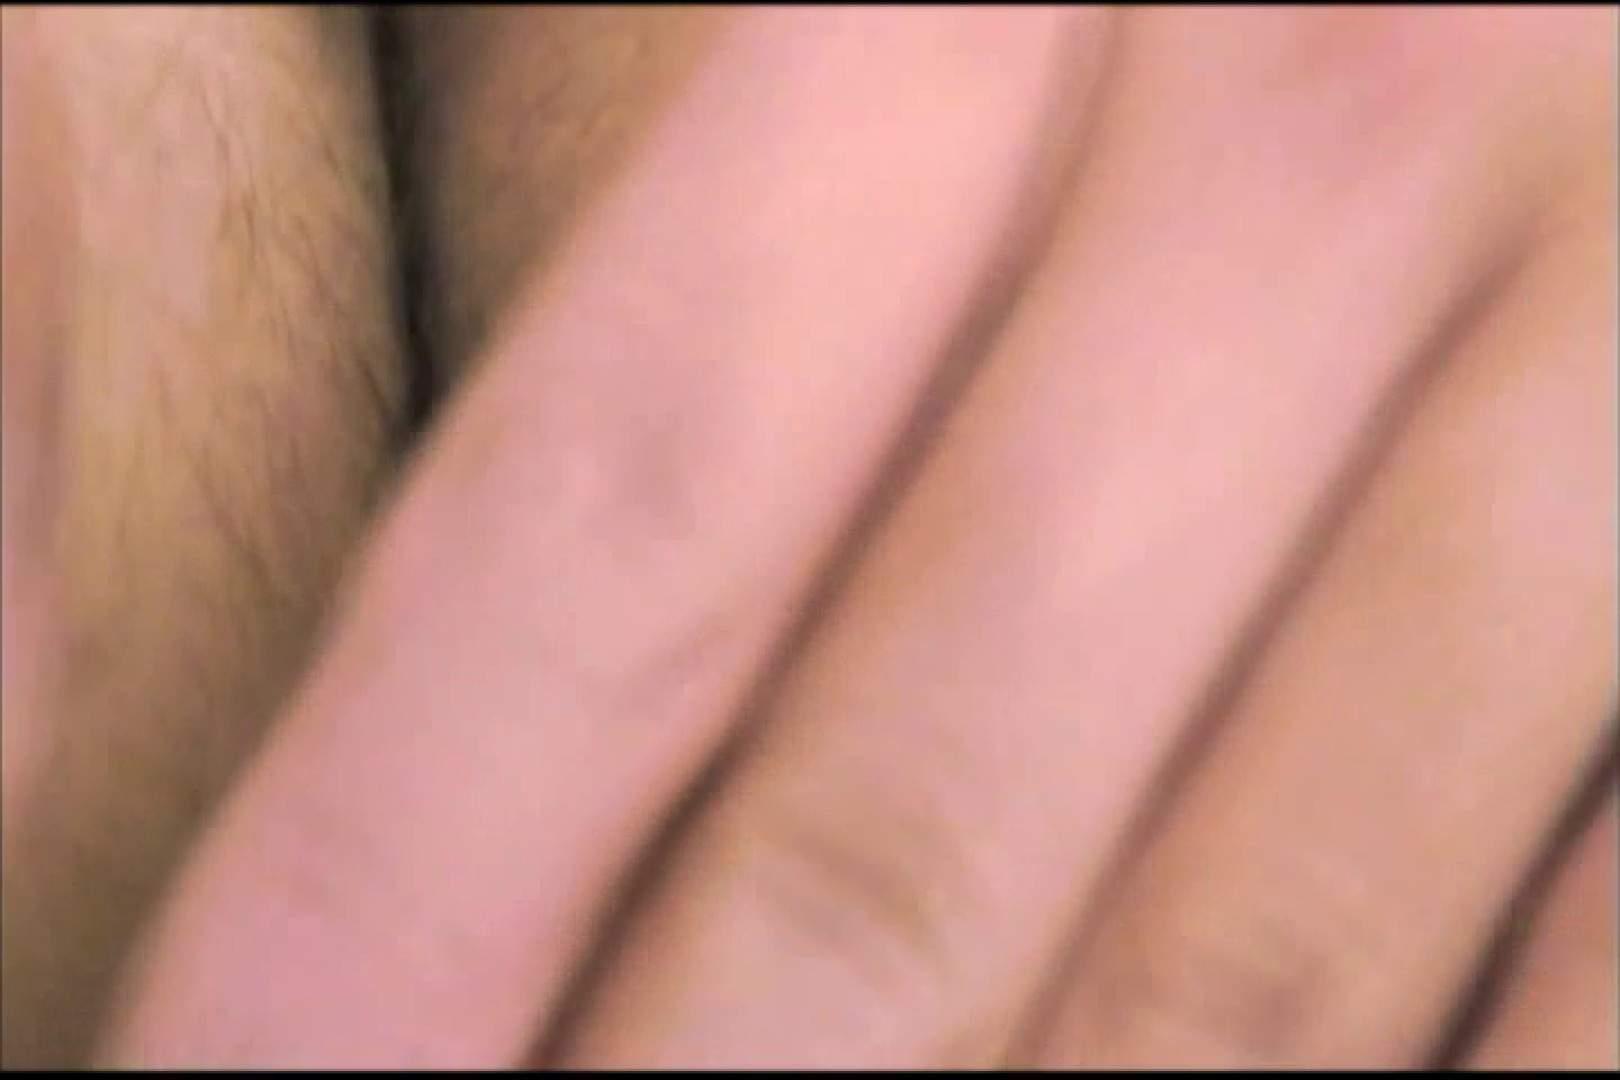 ワイルドボーイ二人組、仲が良すぎて・・・。 アナル挿入 ゲイ無修正動画画像 67pic 14